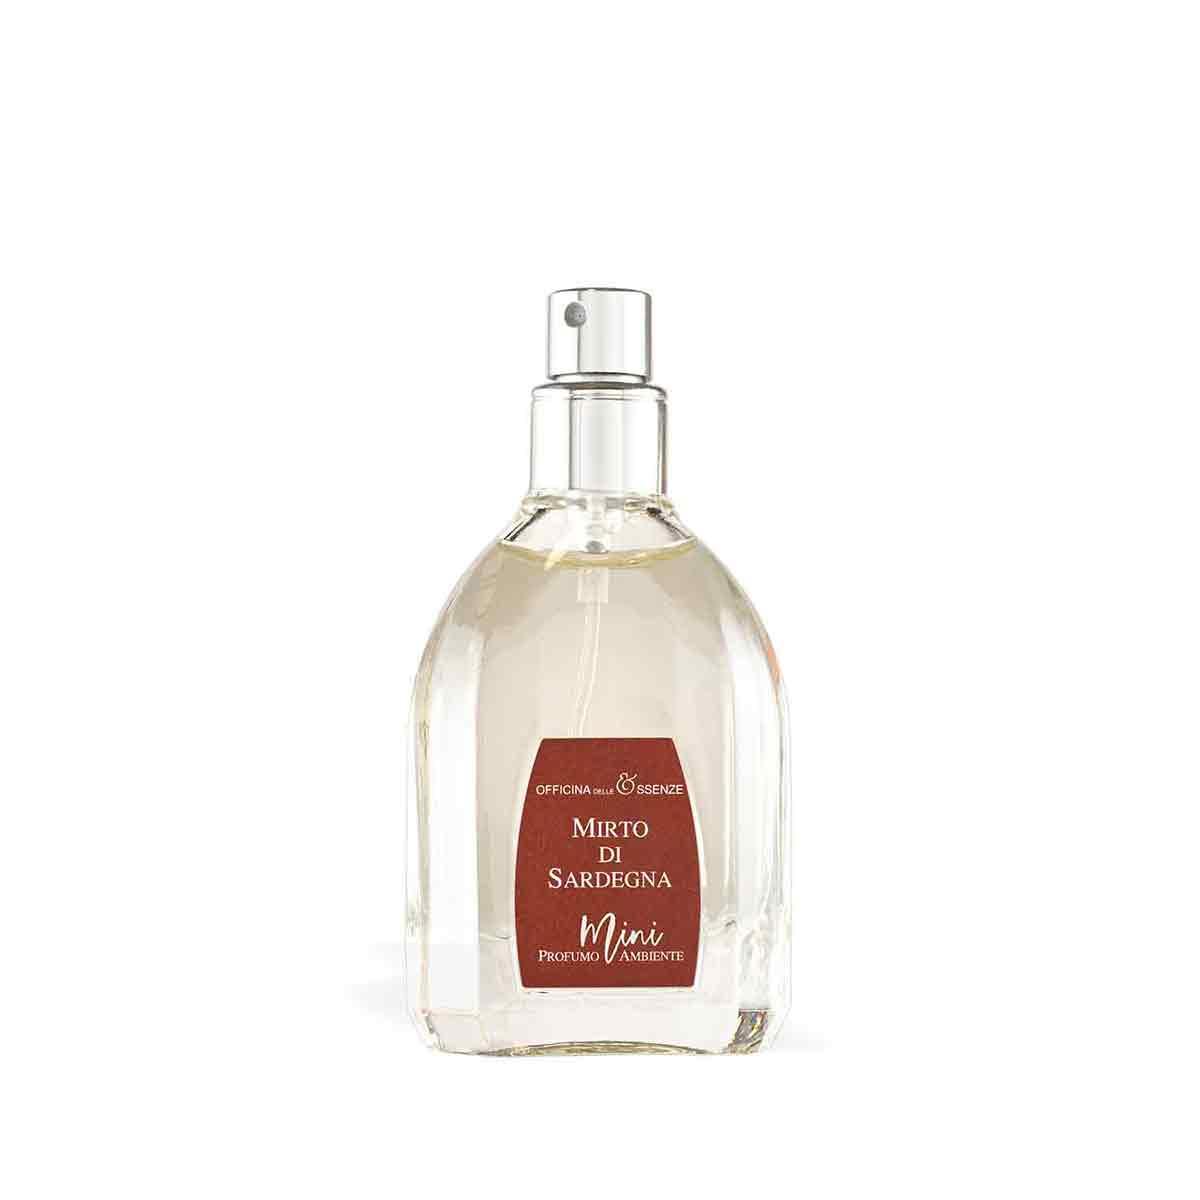 Mini profumo ambiente Mirto di Sardegna da 25 ml